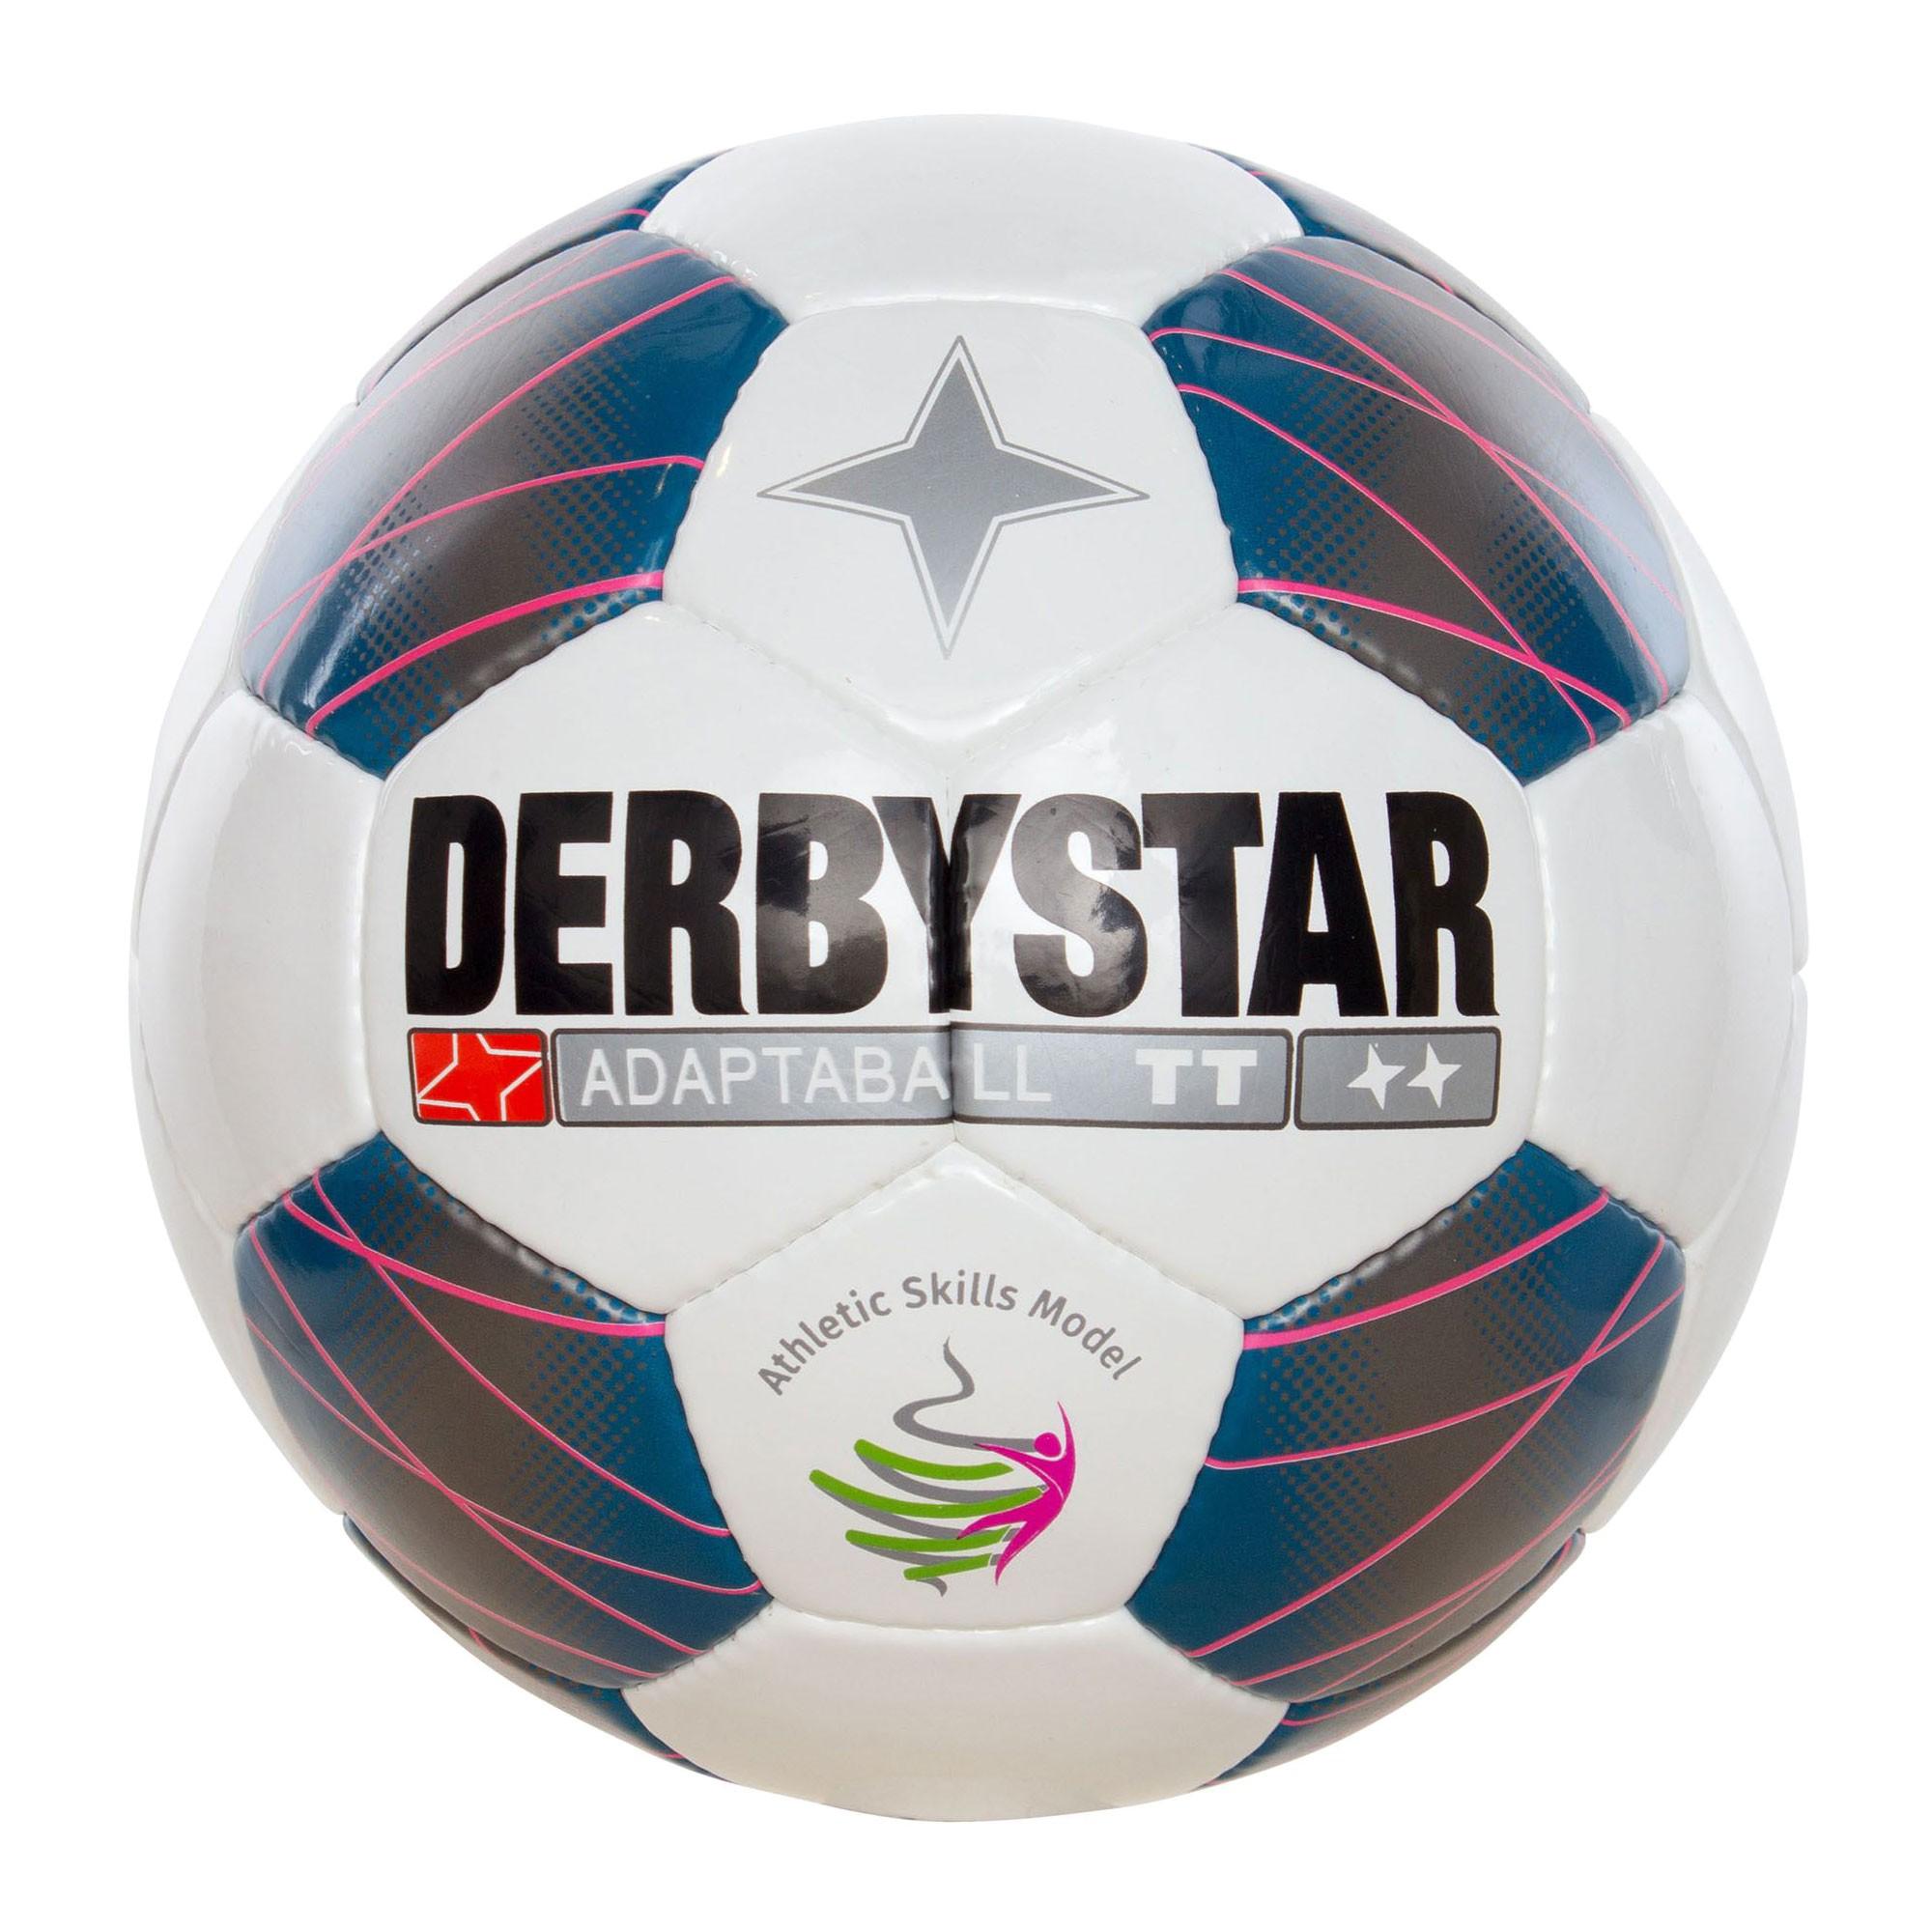 Afbeelding van Derbystar Adaptaball TT Voetbal